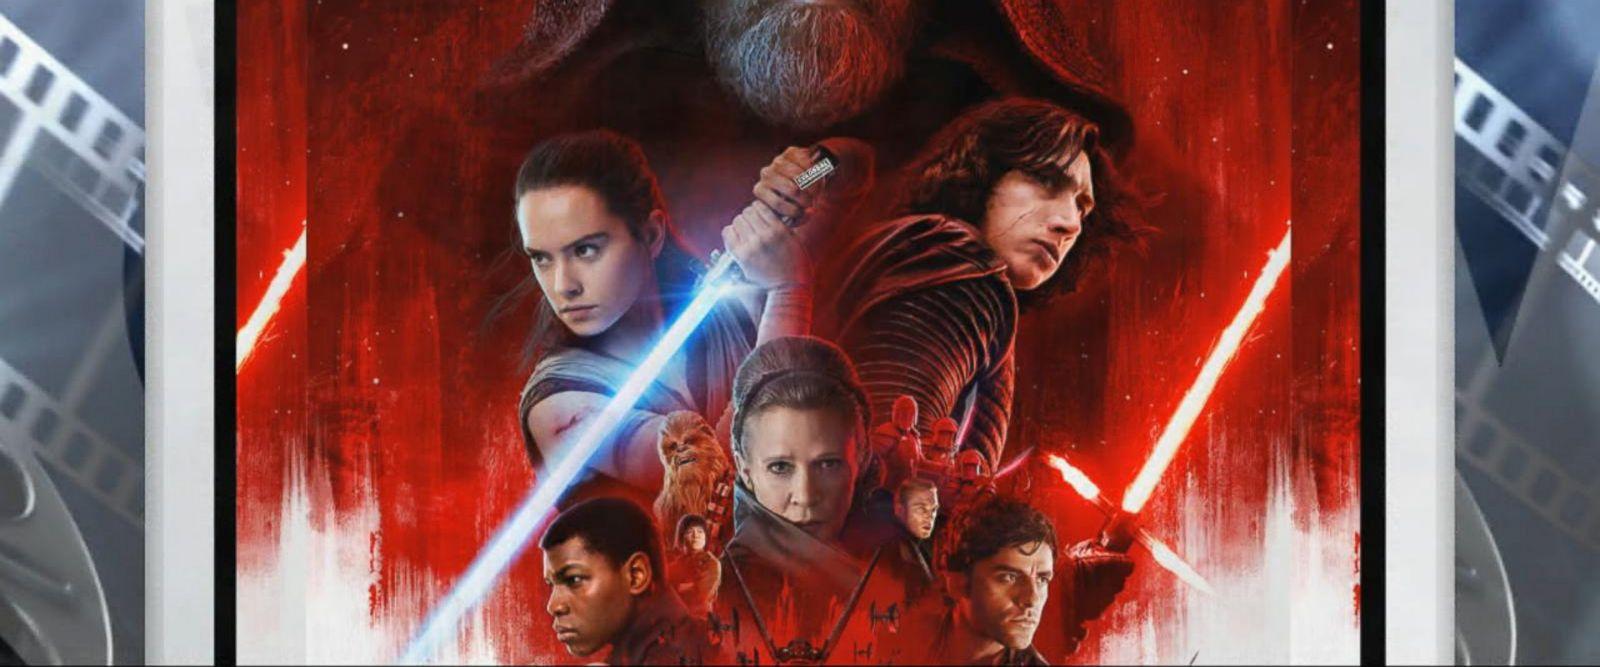 VIDEO: Princes William, Harry attend 'Star Wars: The Last Jedi' premiere